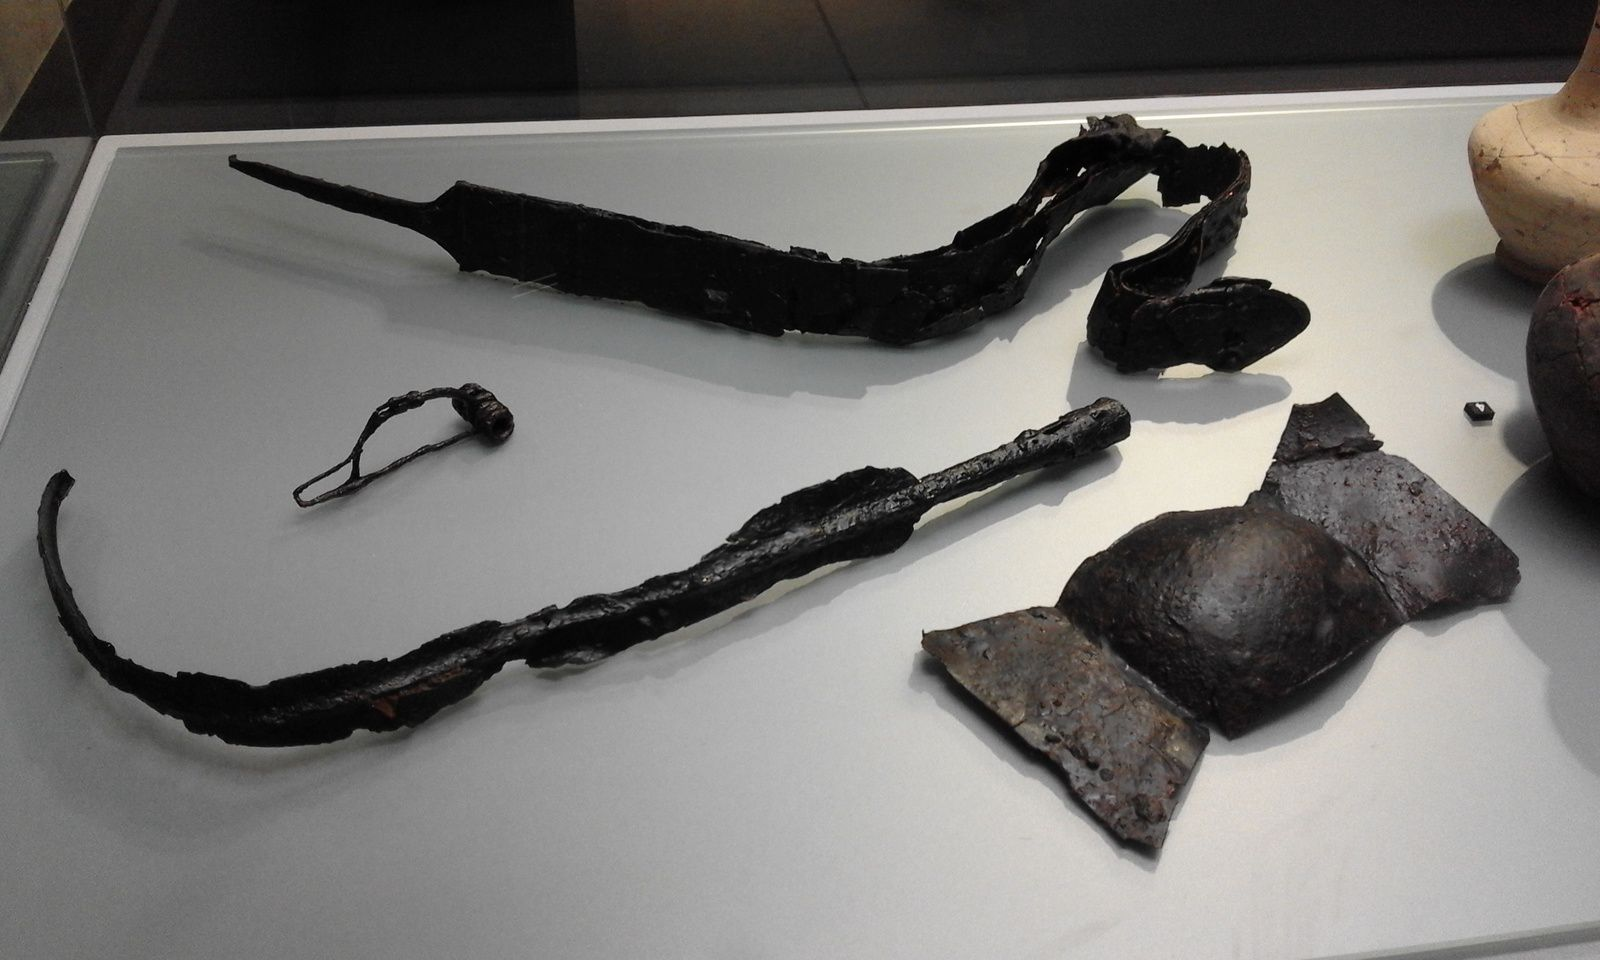 photos des sorties de septembre 2017 à février 2018 : oppidum de Murviel les montpellier, expo musée fabre, argileum, musée d'art brut, expo lattes, hotel sabatier d'espeyran